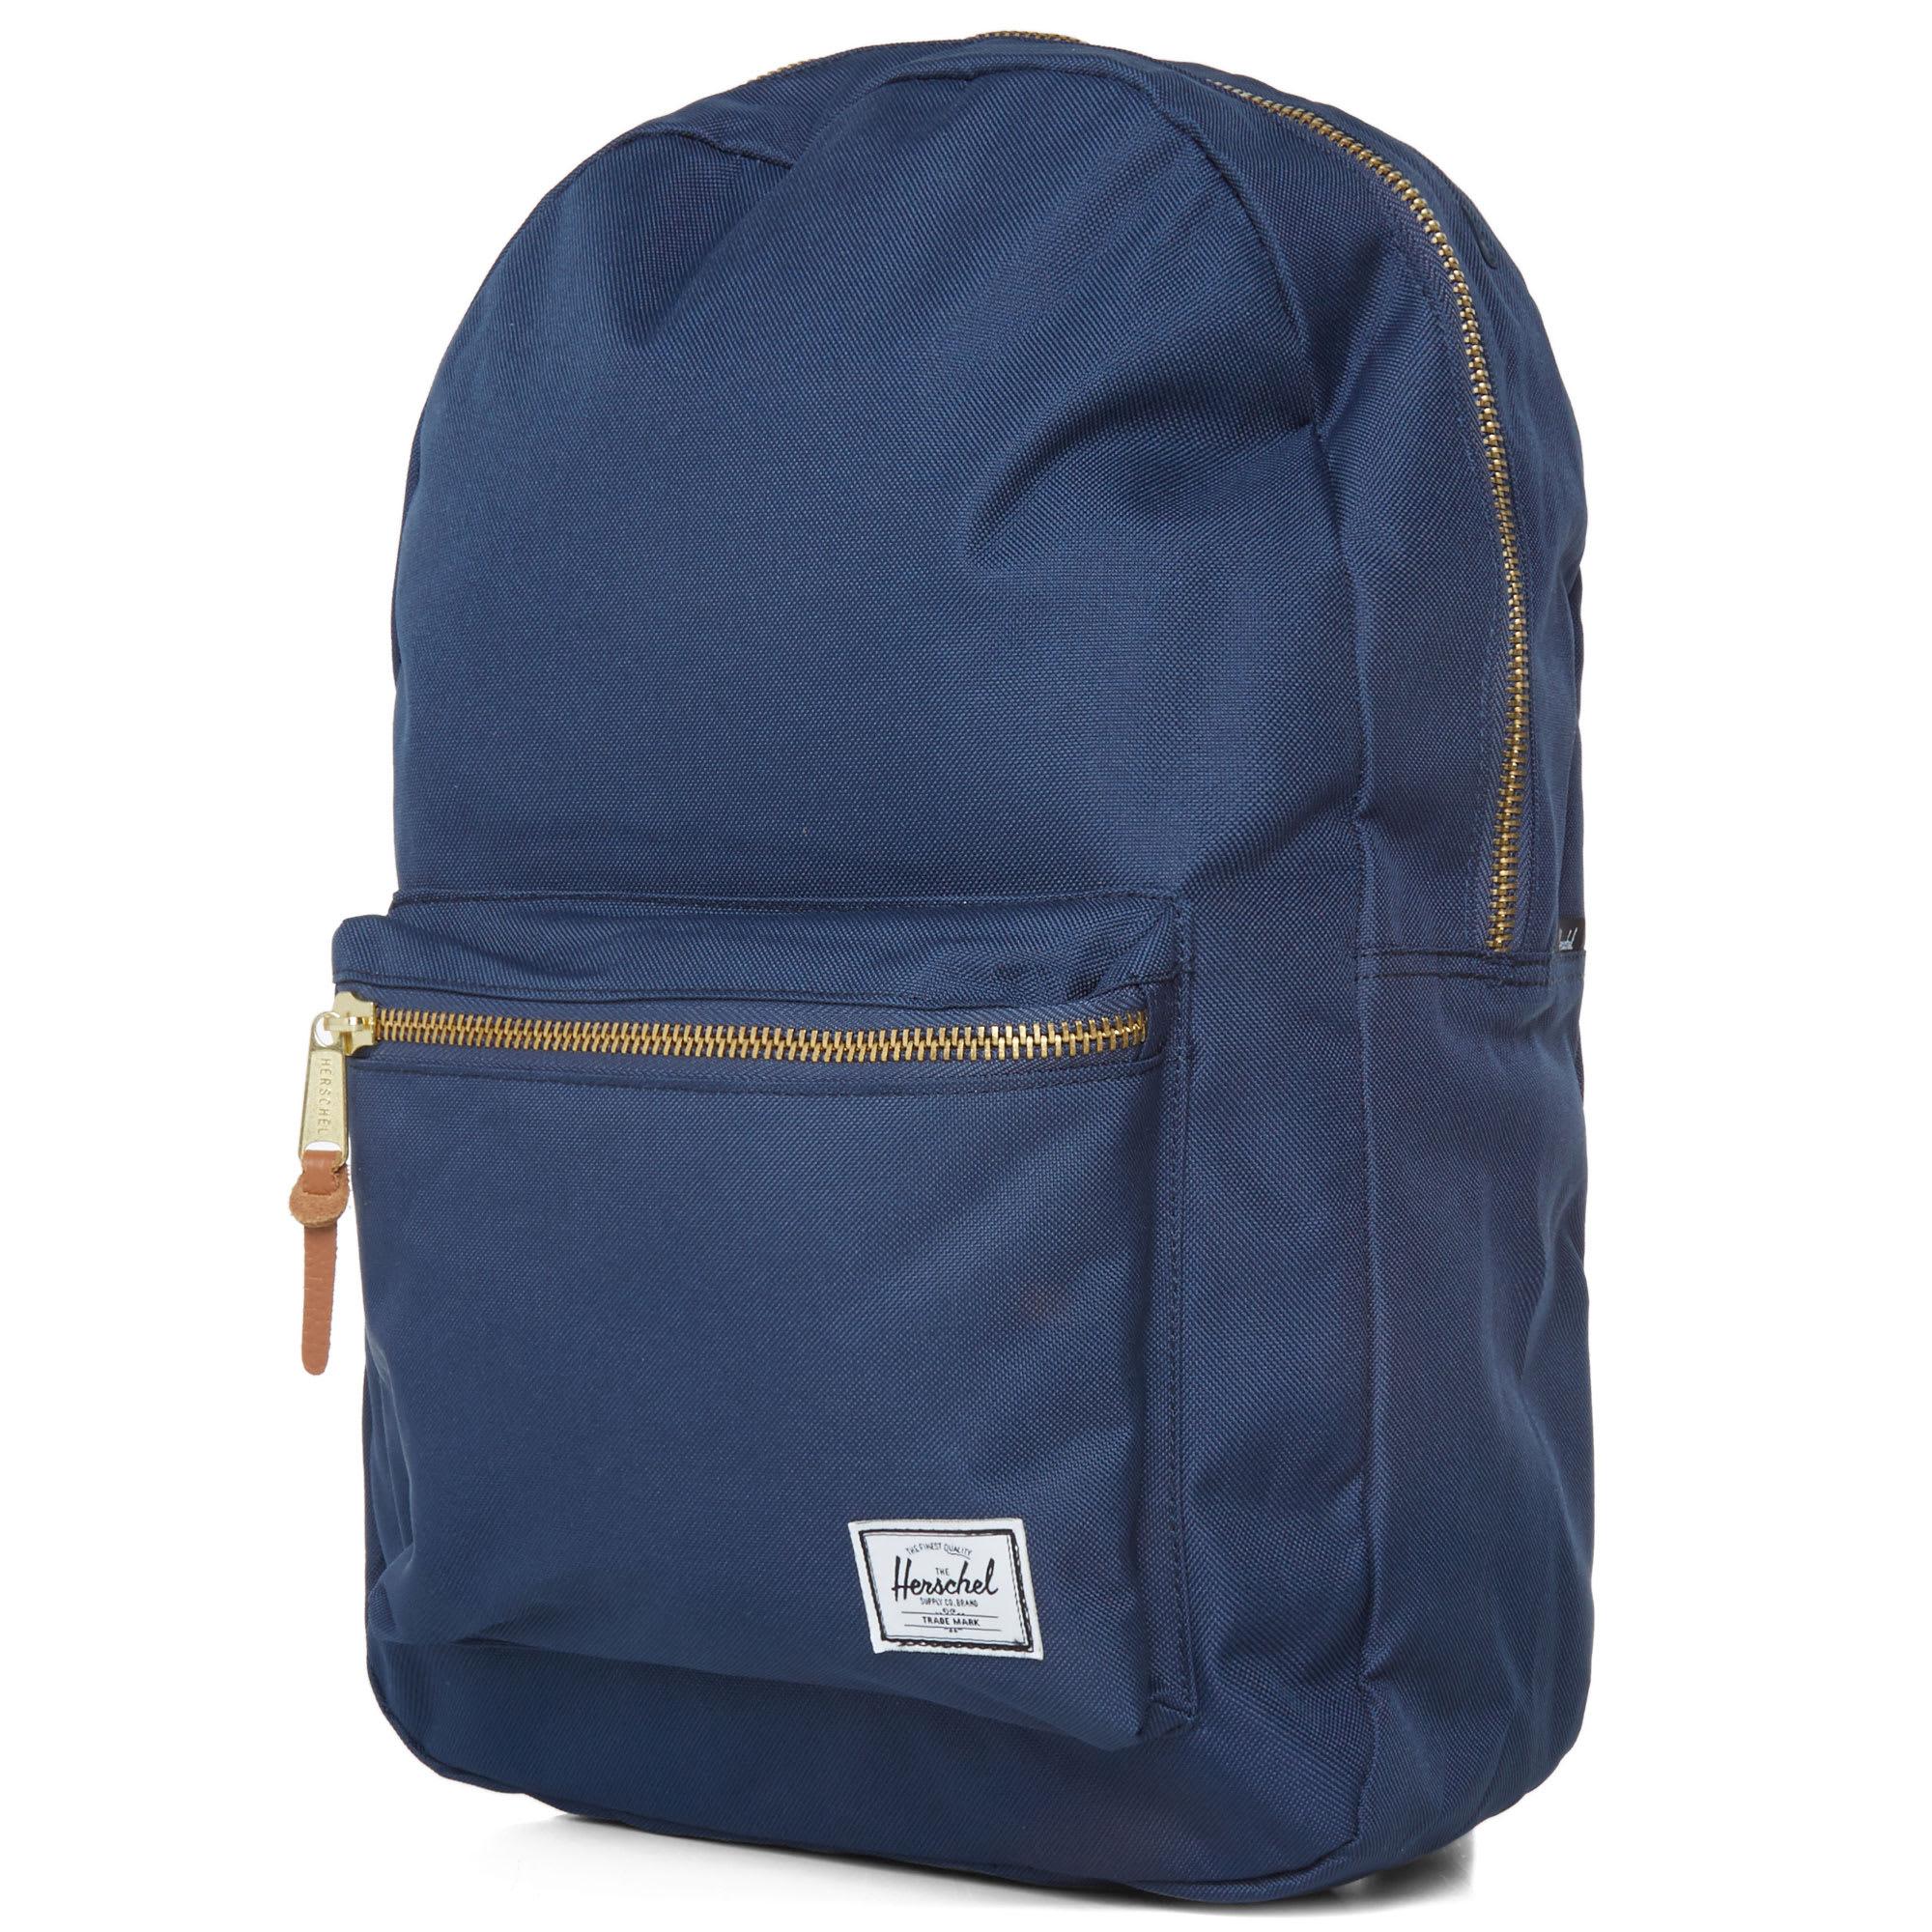 Herschel Supply Co Settlement Backpack: Herschel Supply Co. Settlement Backpack (Navy